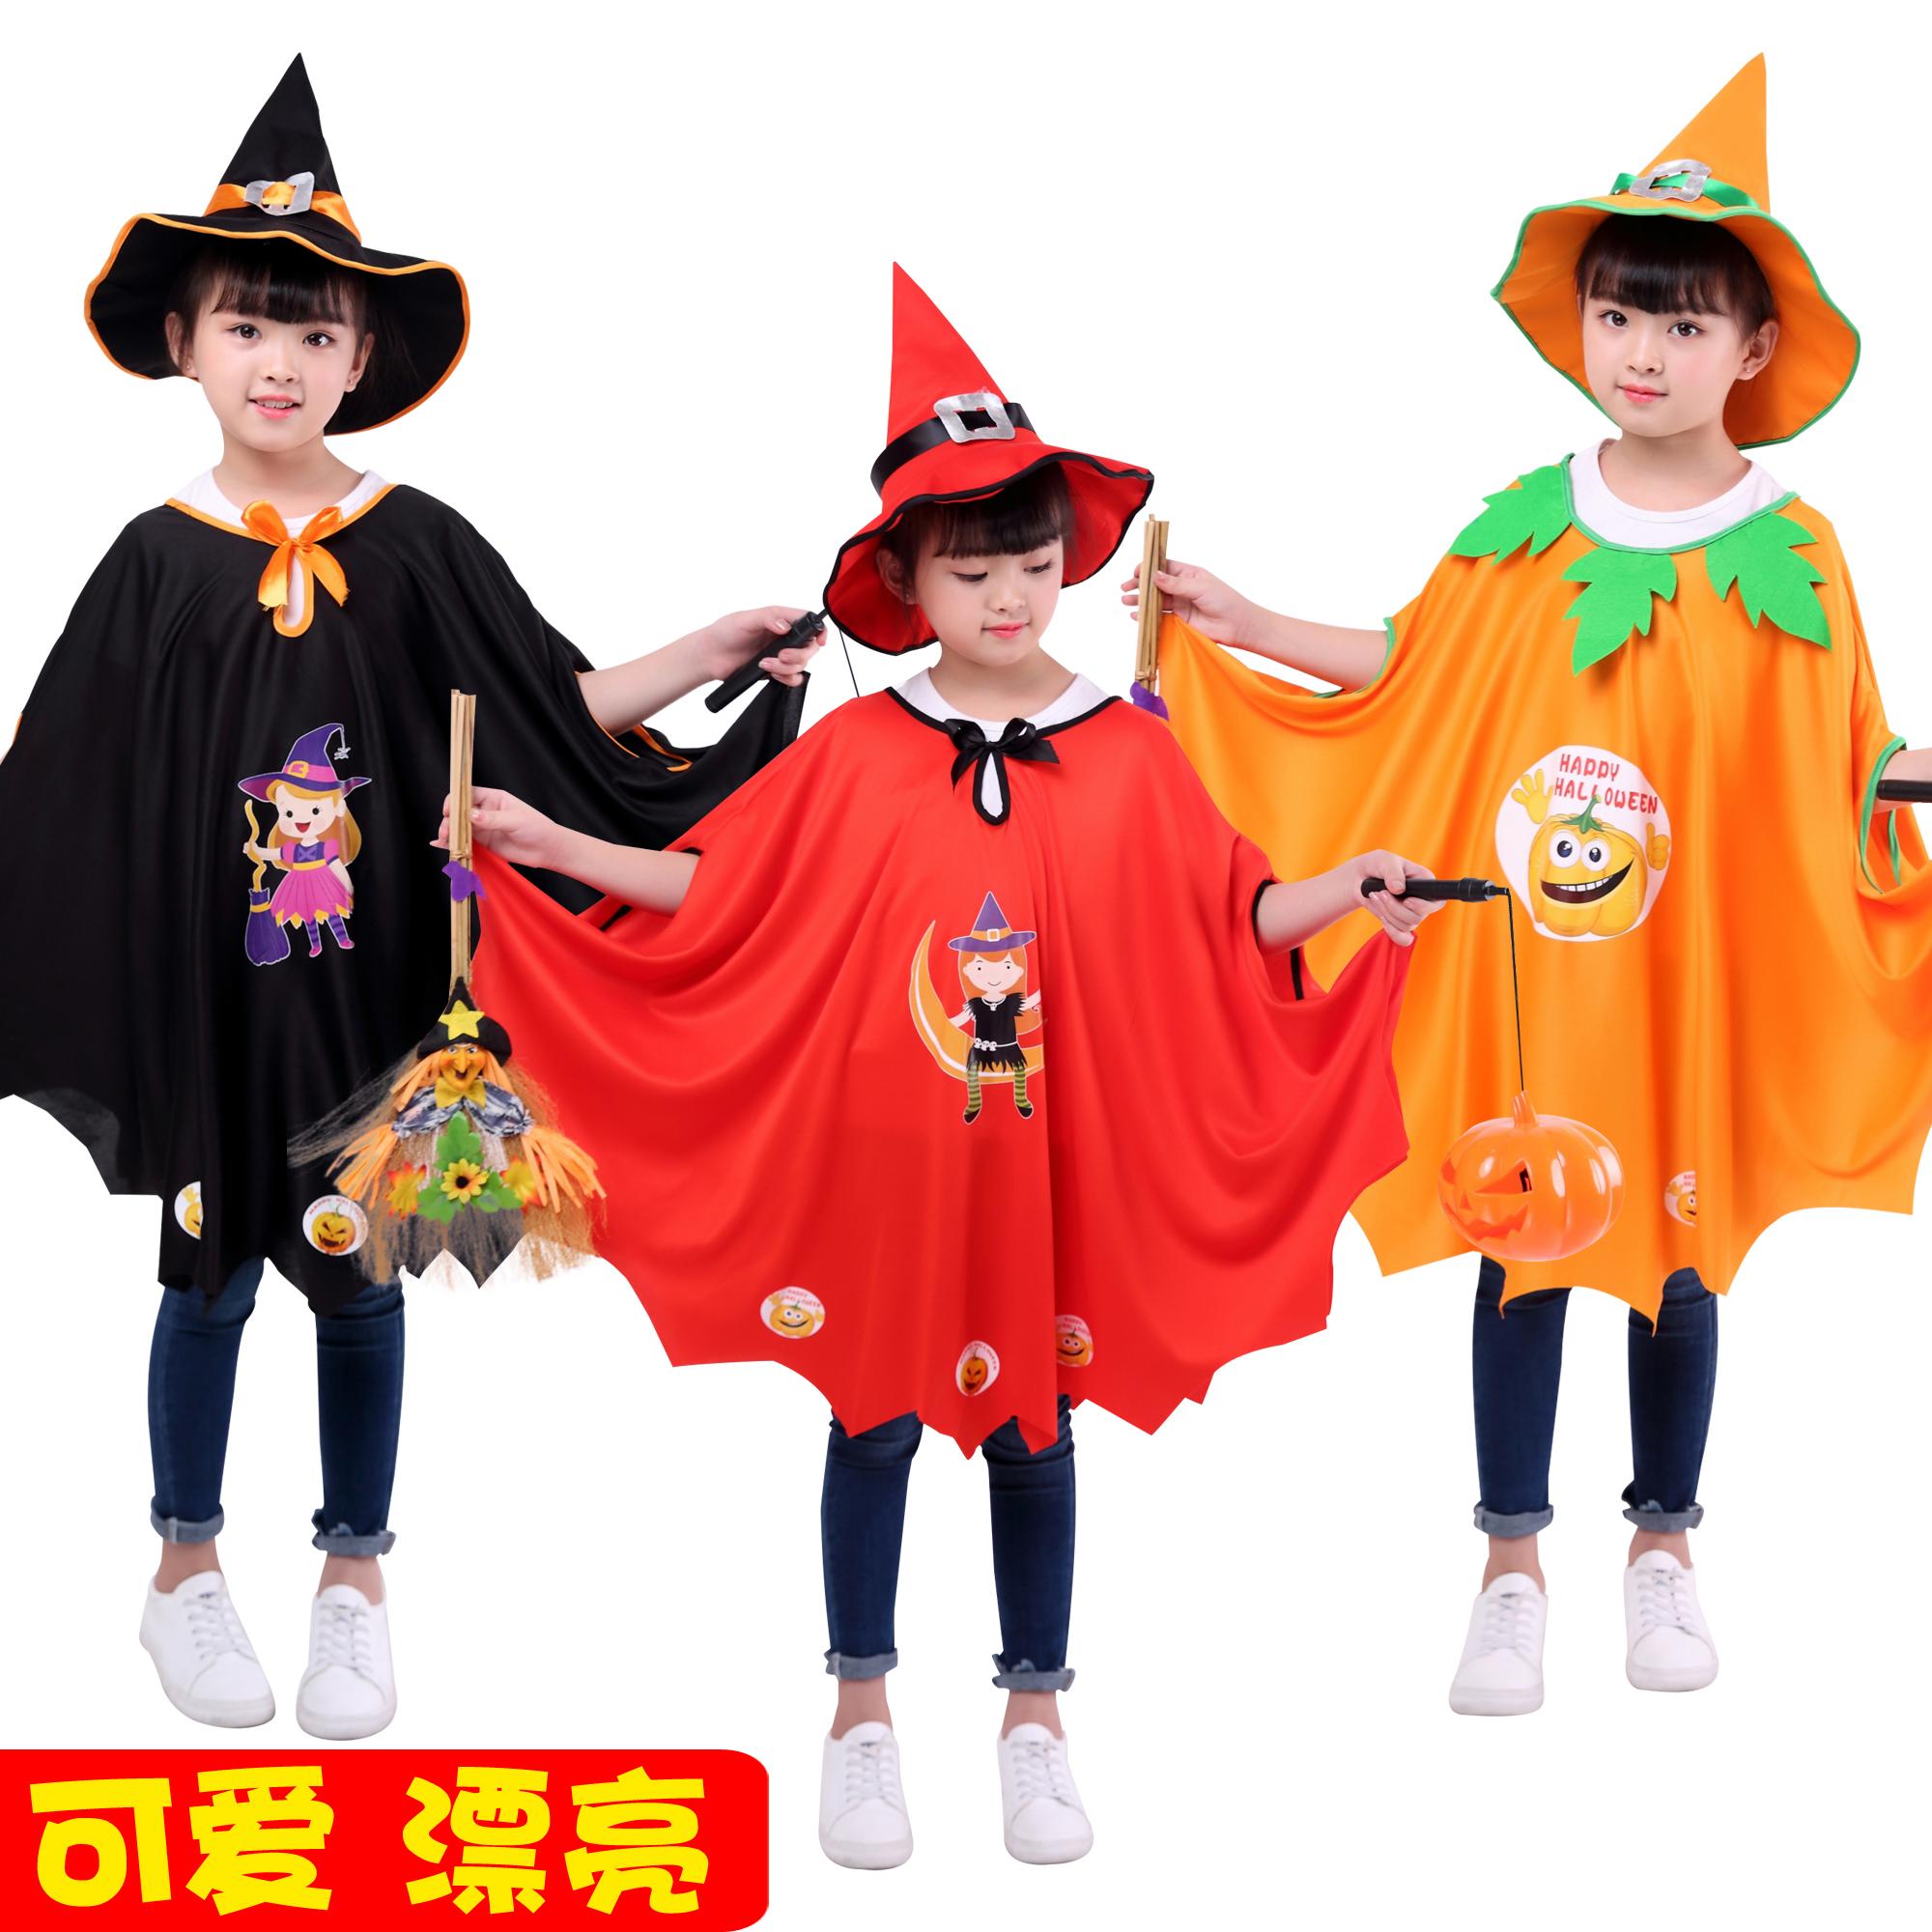 万圣节儿童披风女童表演演出服装魔法师女巫巫婆斗蓬套装南瓜披风